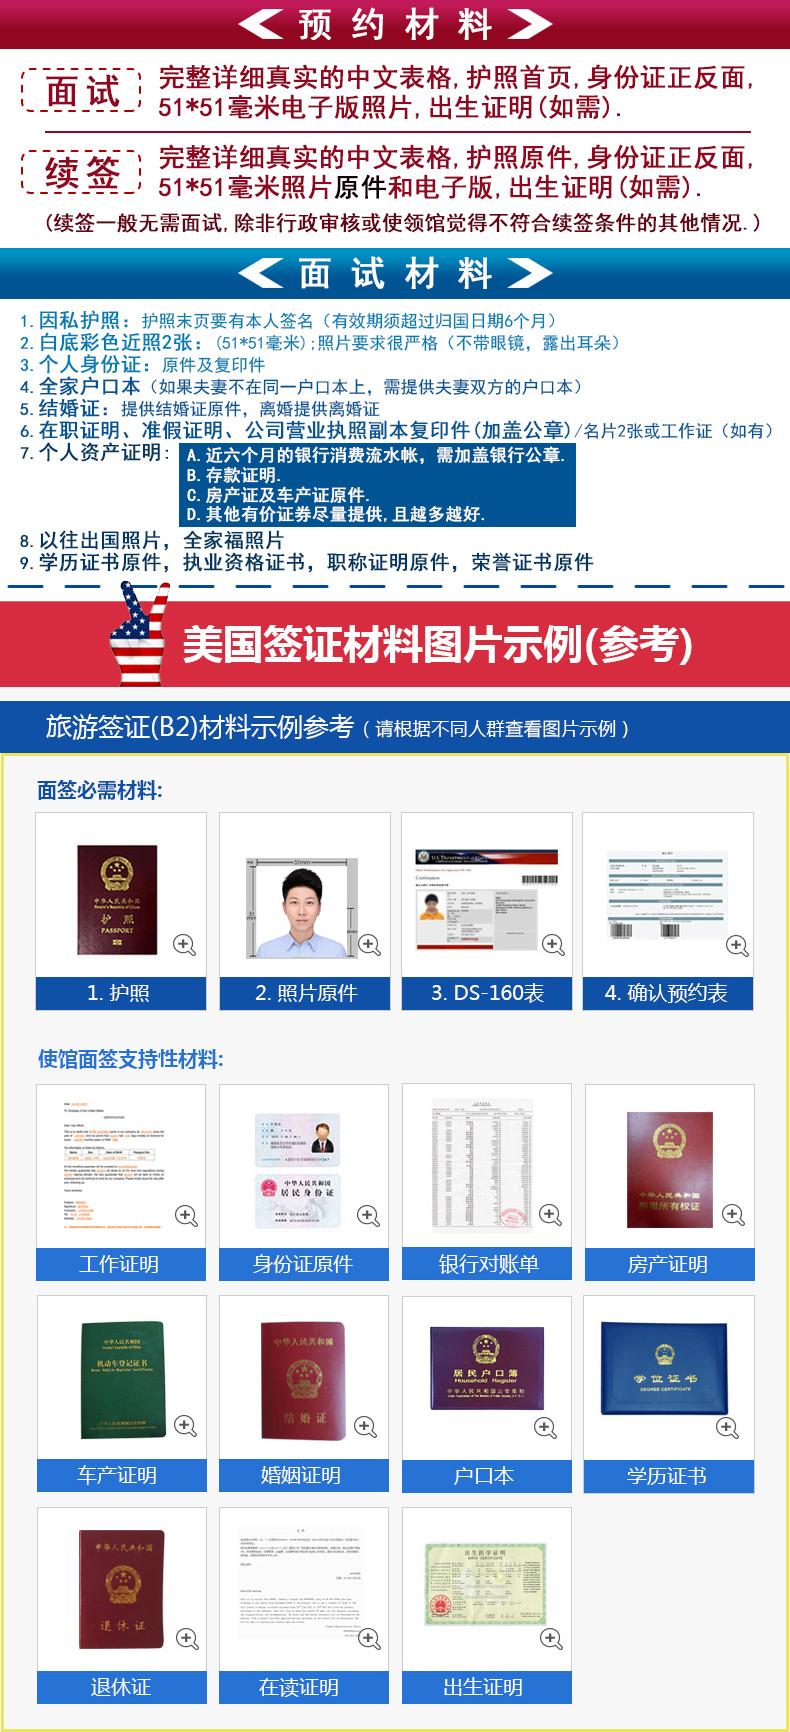 美国签证材料_副本.jpg